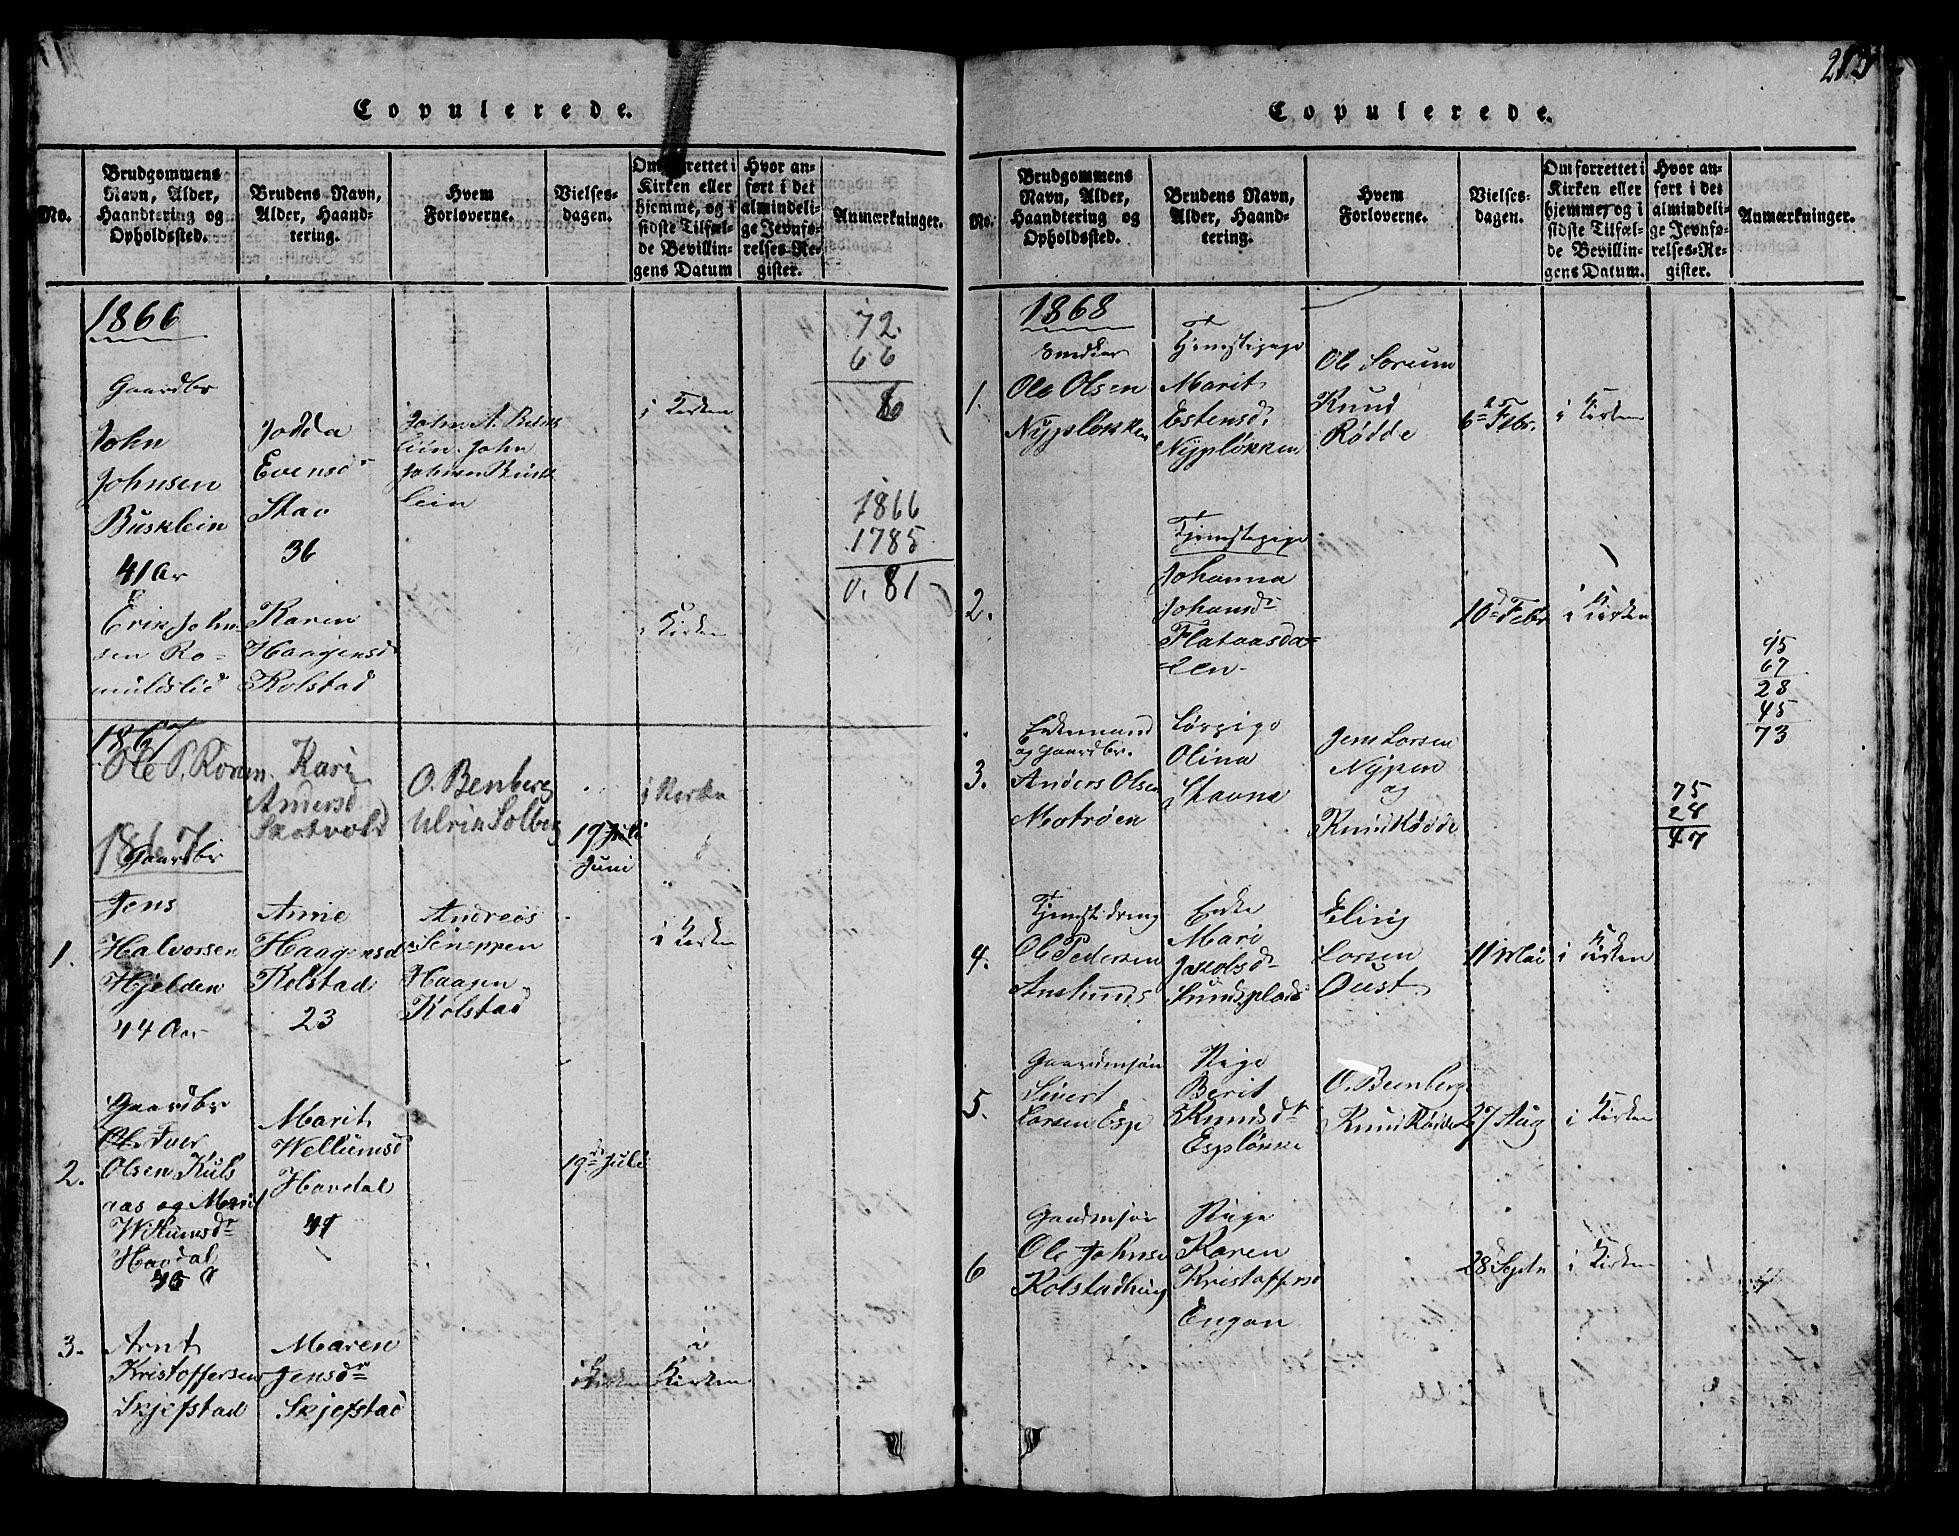 SAT, Ministerialprotokoller, klokkerbøker og fødselsregistre - Sør-Trøndelag, 613/L0393: Klokkerbok nr. 613C01, 1816-1886, s. 213